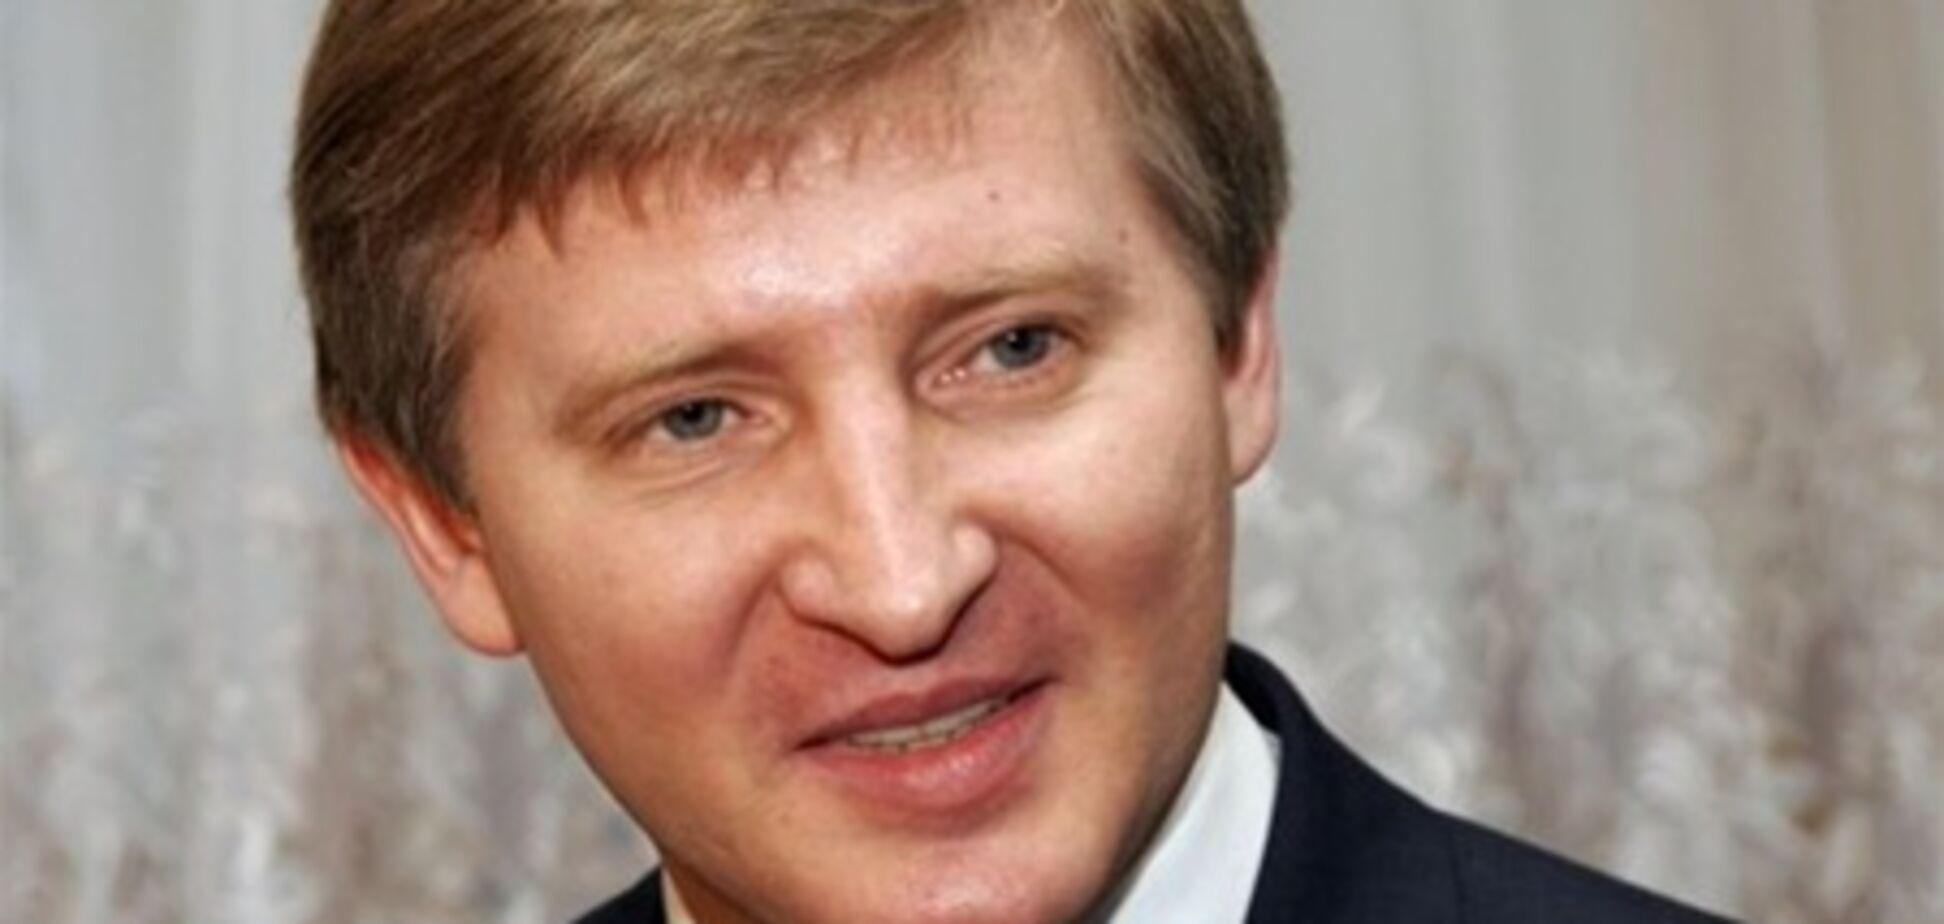 Предприятие Ахметова одолжило 700 млн долларов